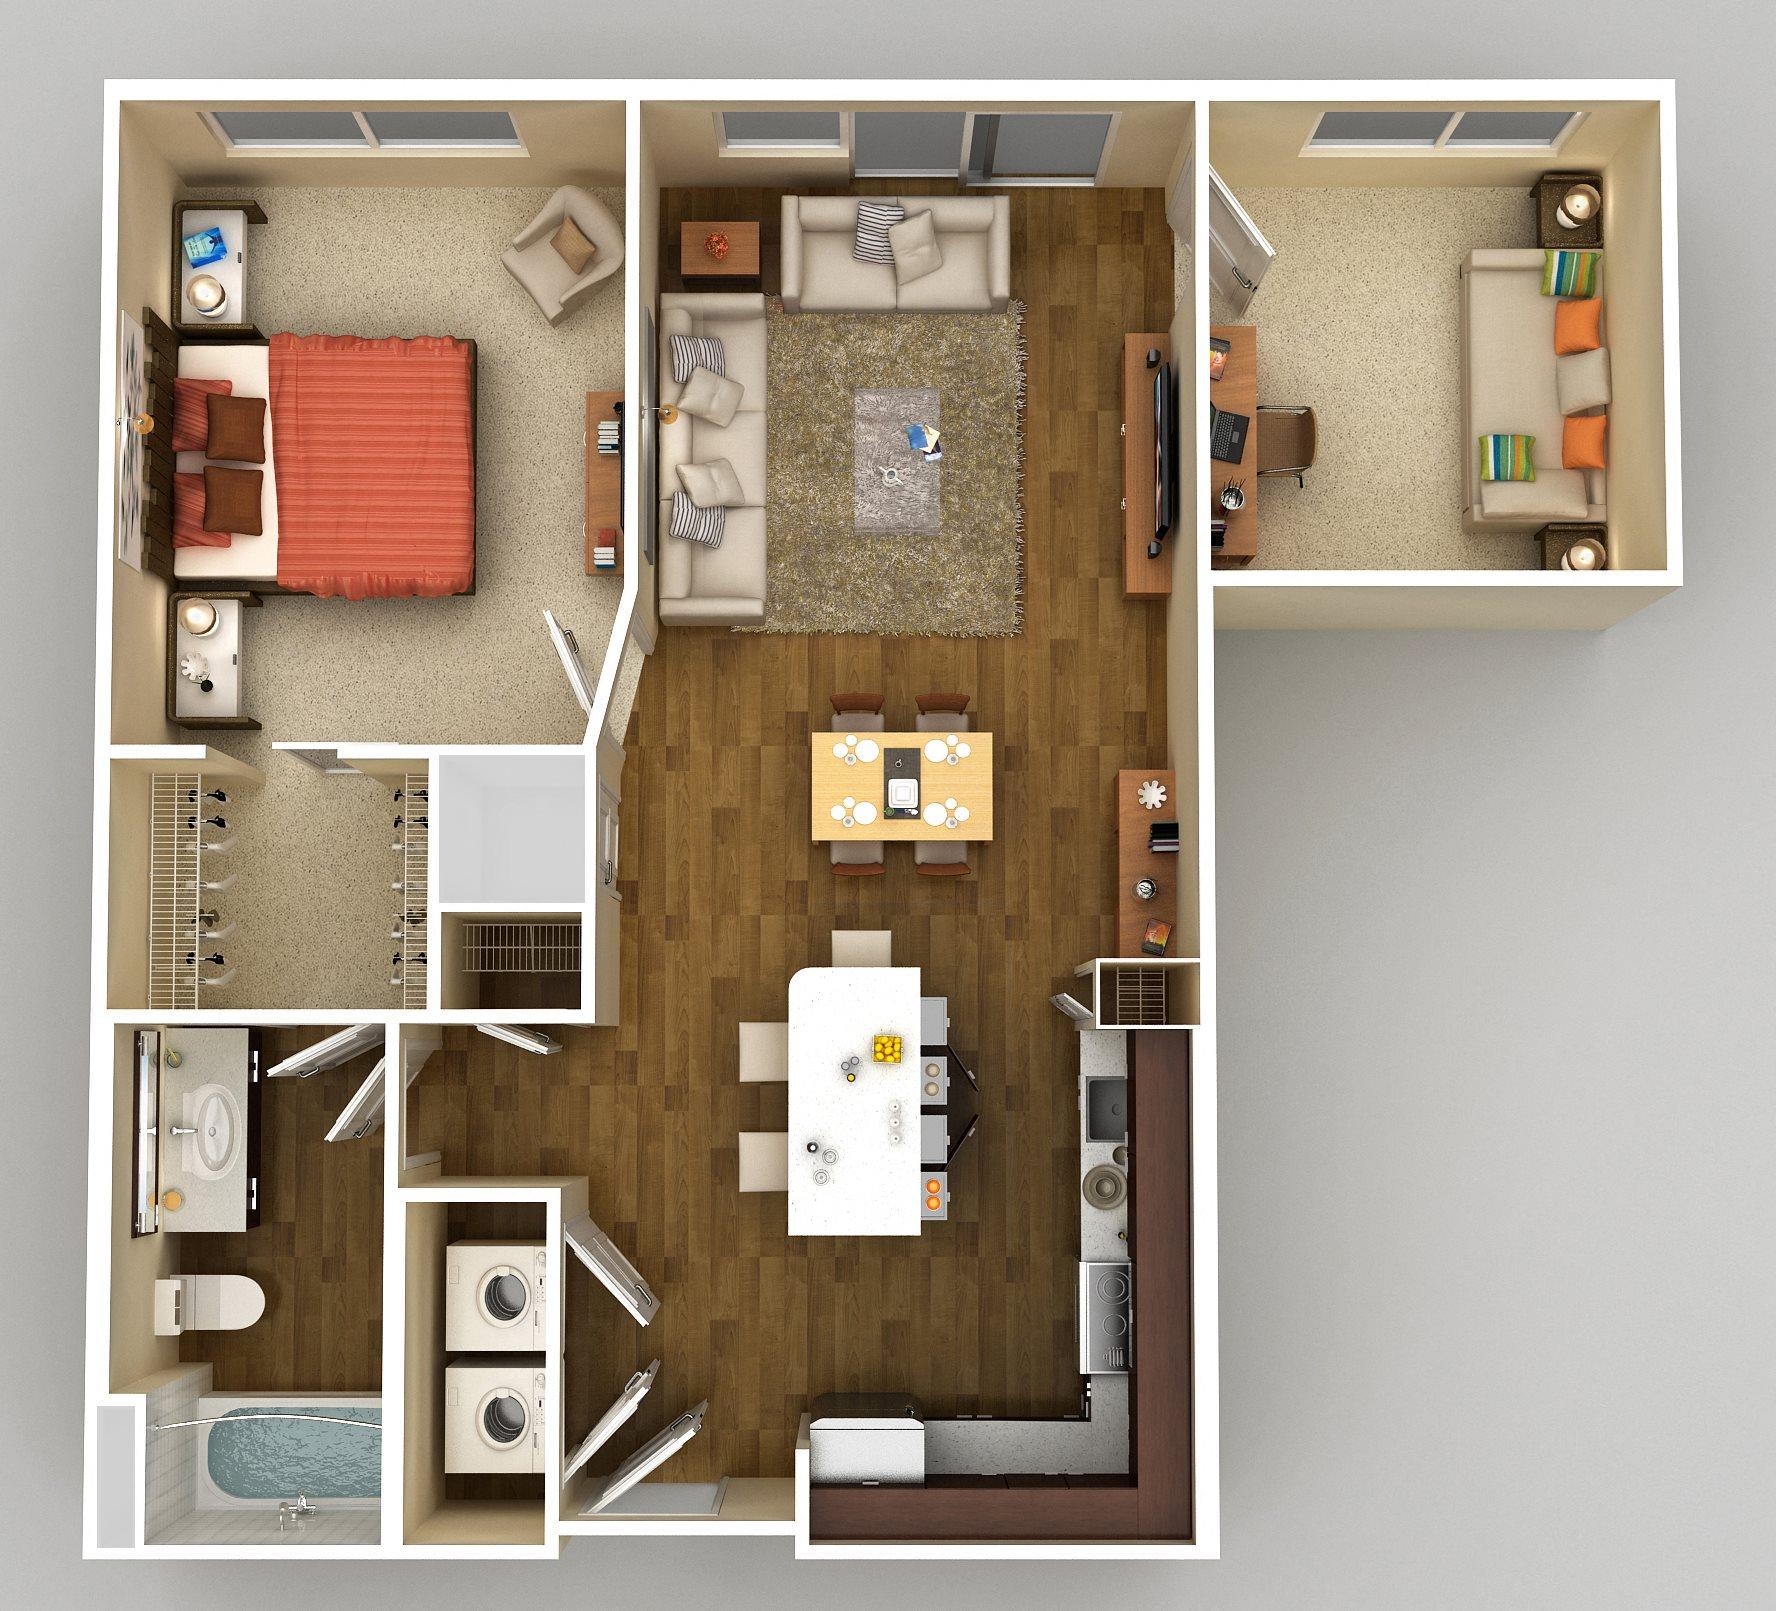 1x1 Den F Floor Plan 6